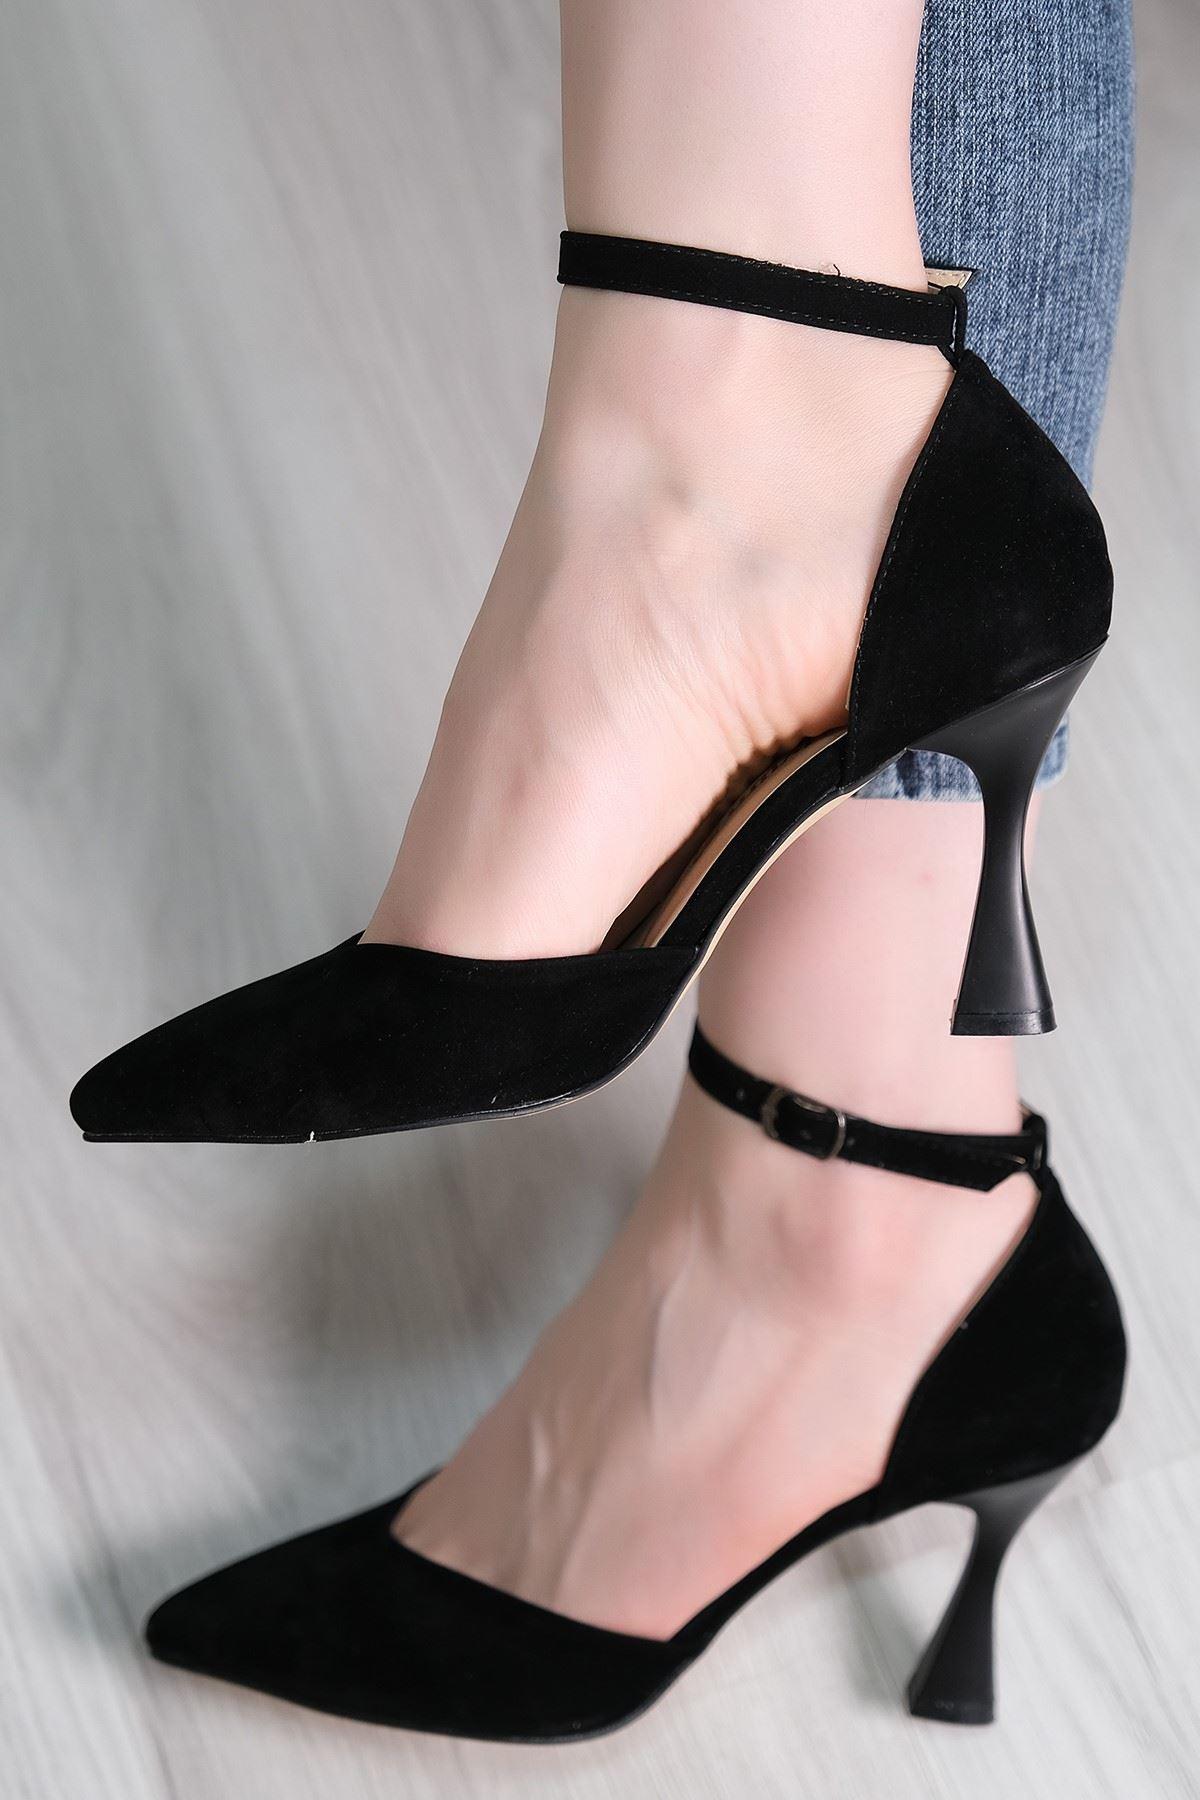 9 Cm Topuklu Ayakkabı Süetsiyah - 5793.264.